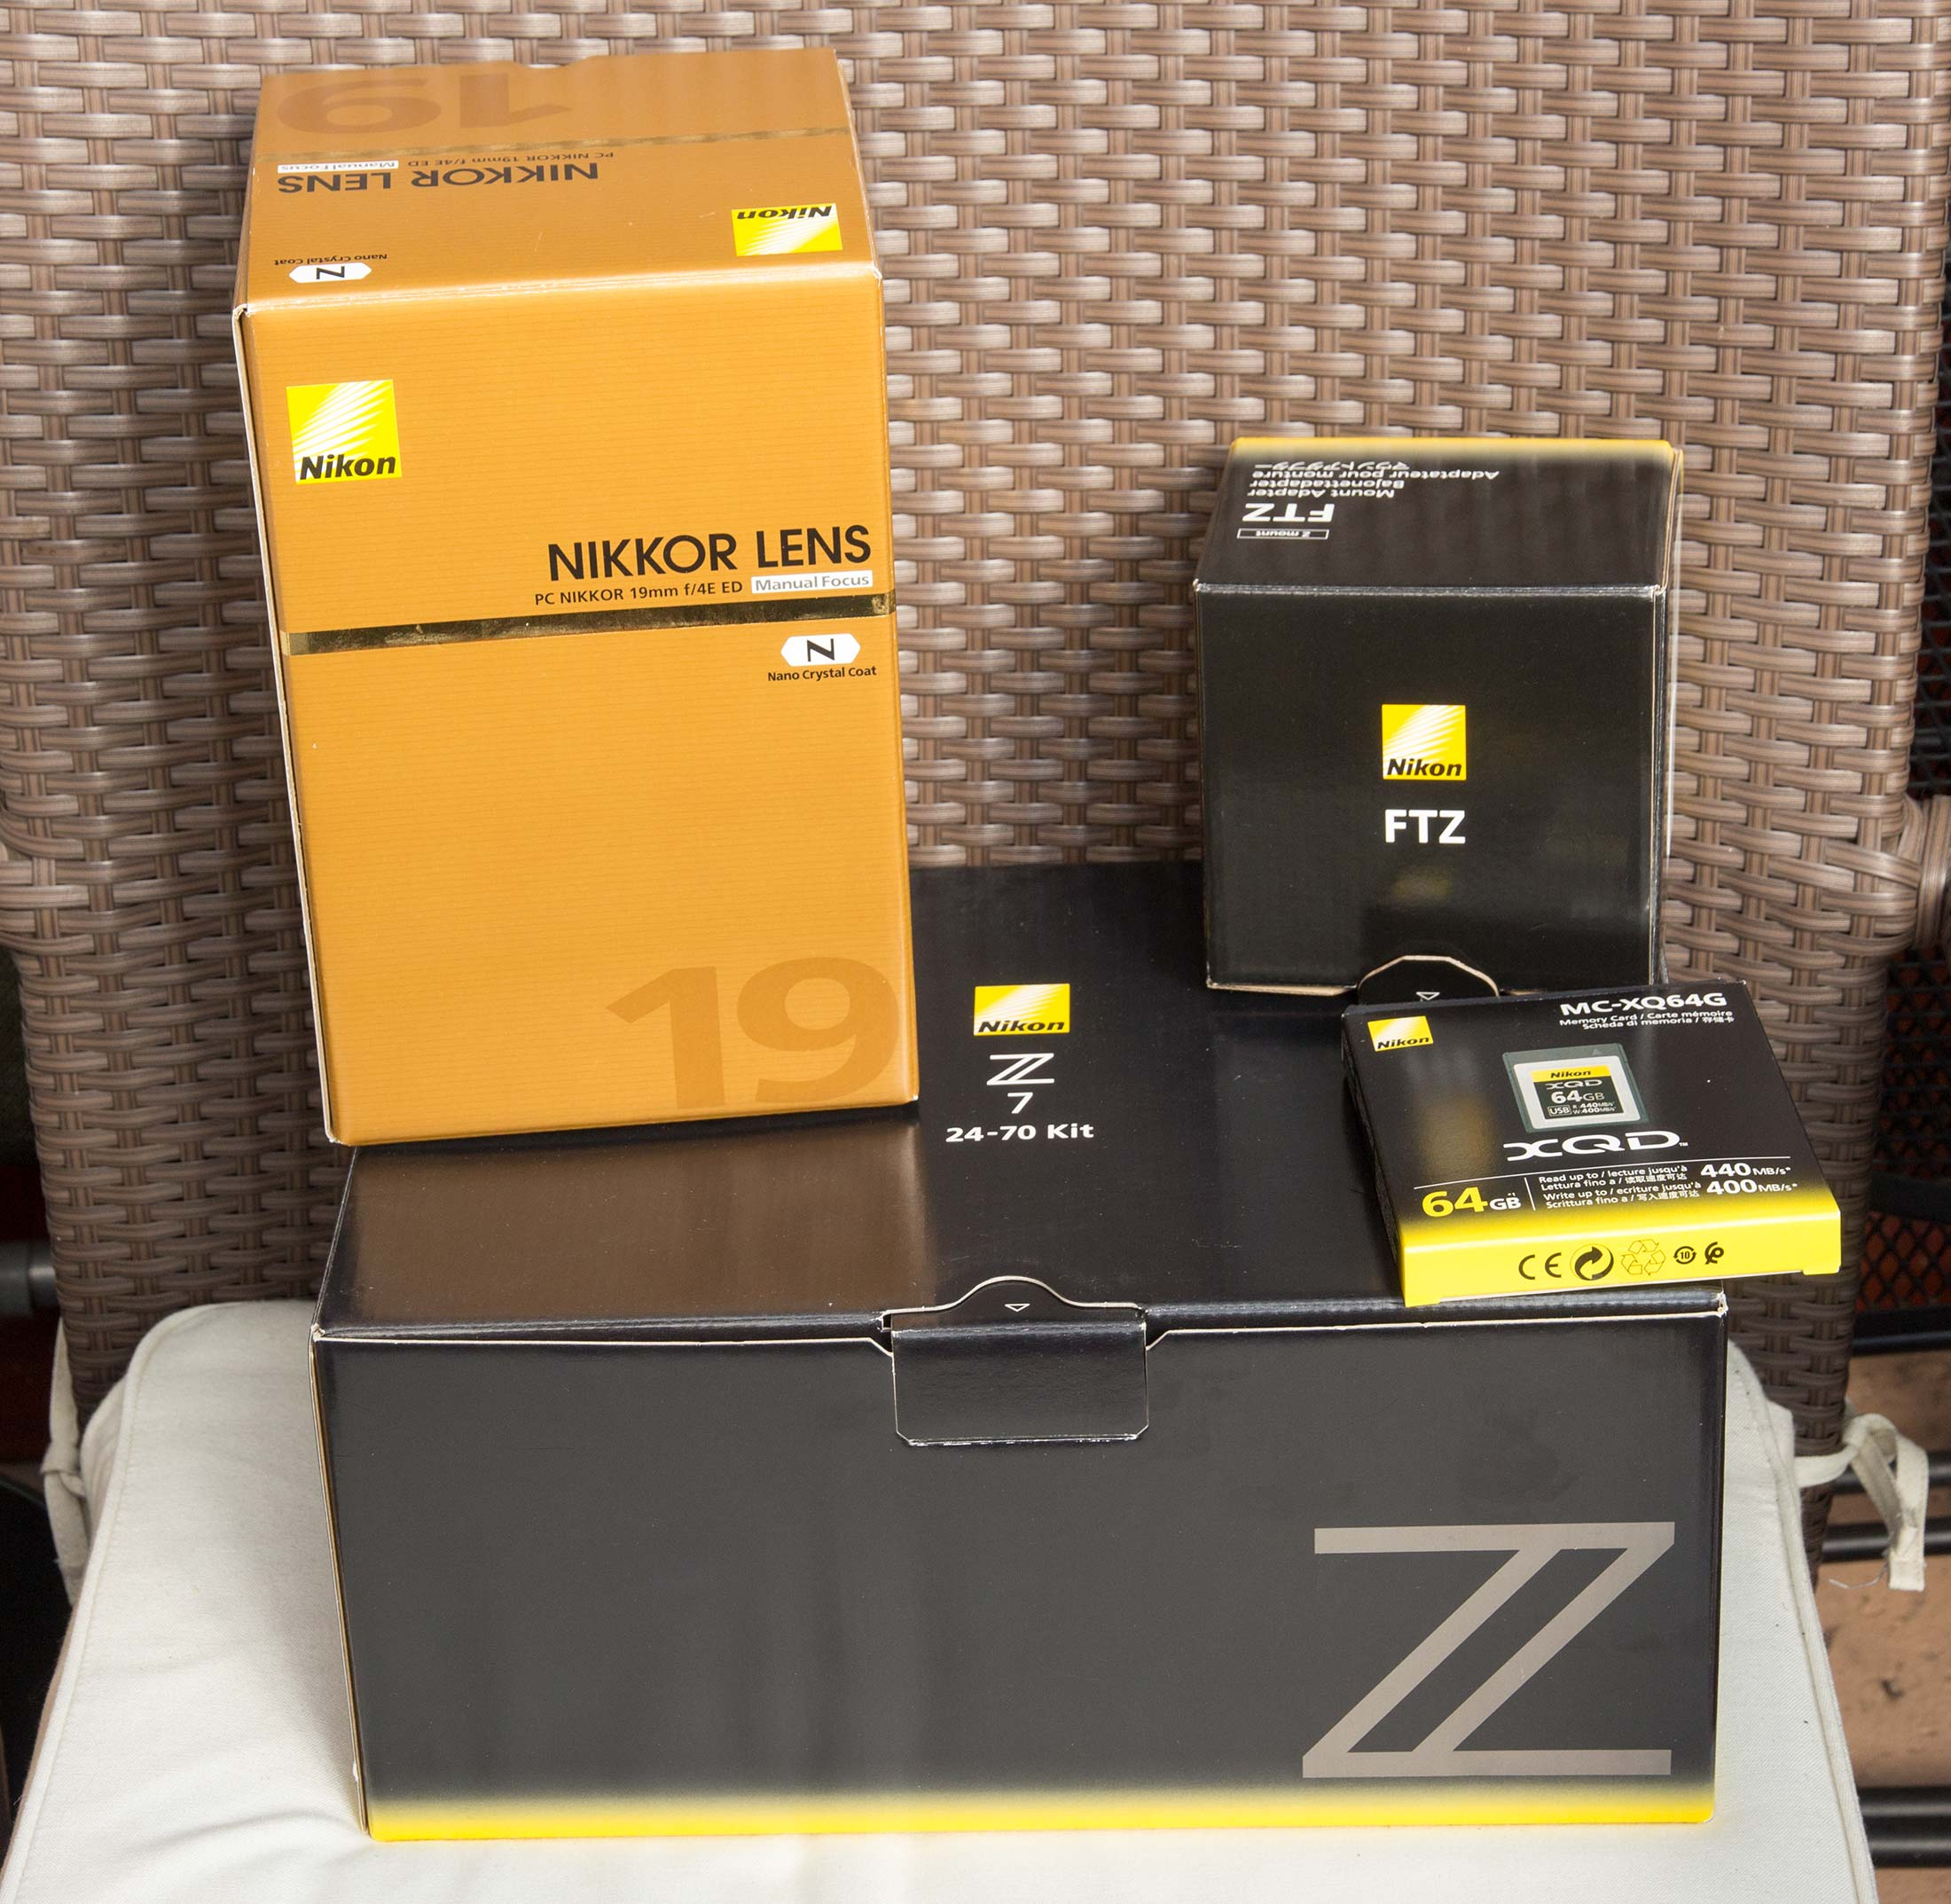 Z7 kit-and-lens